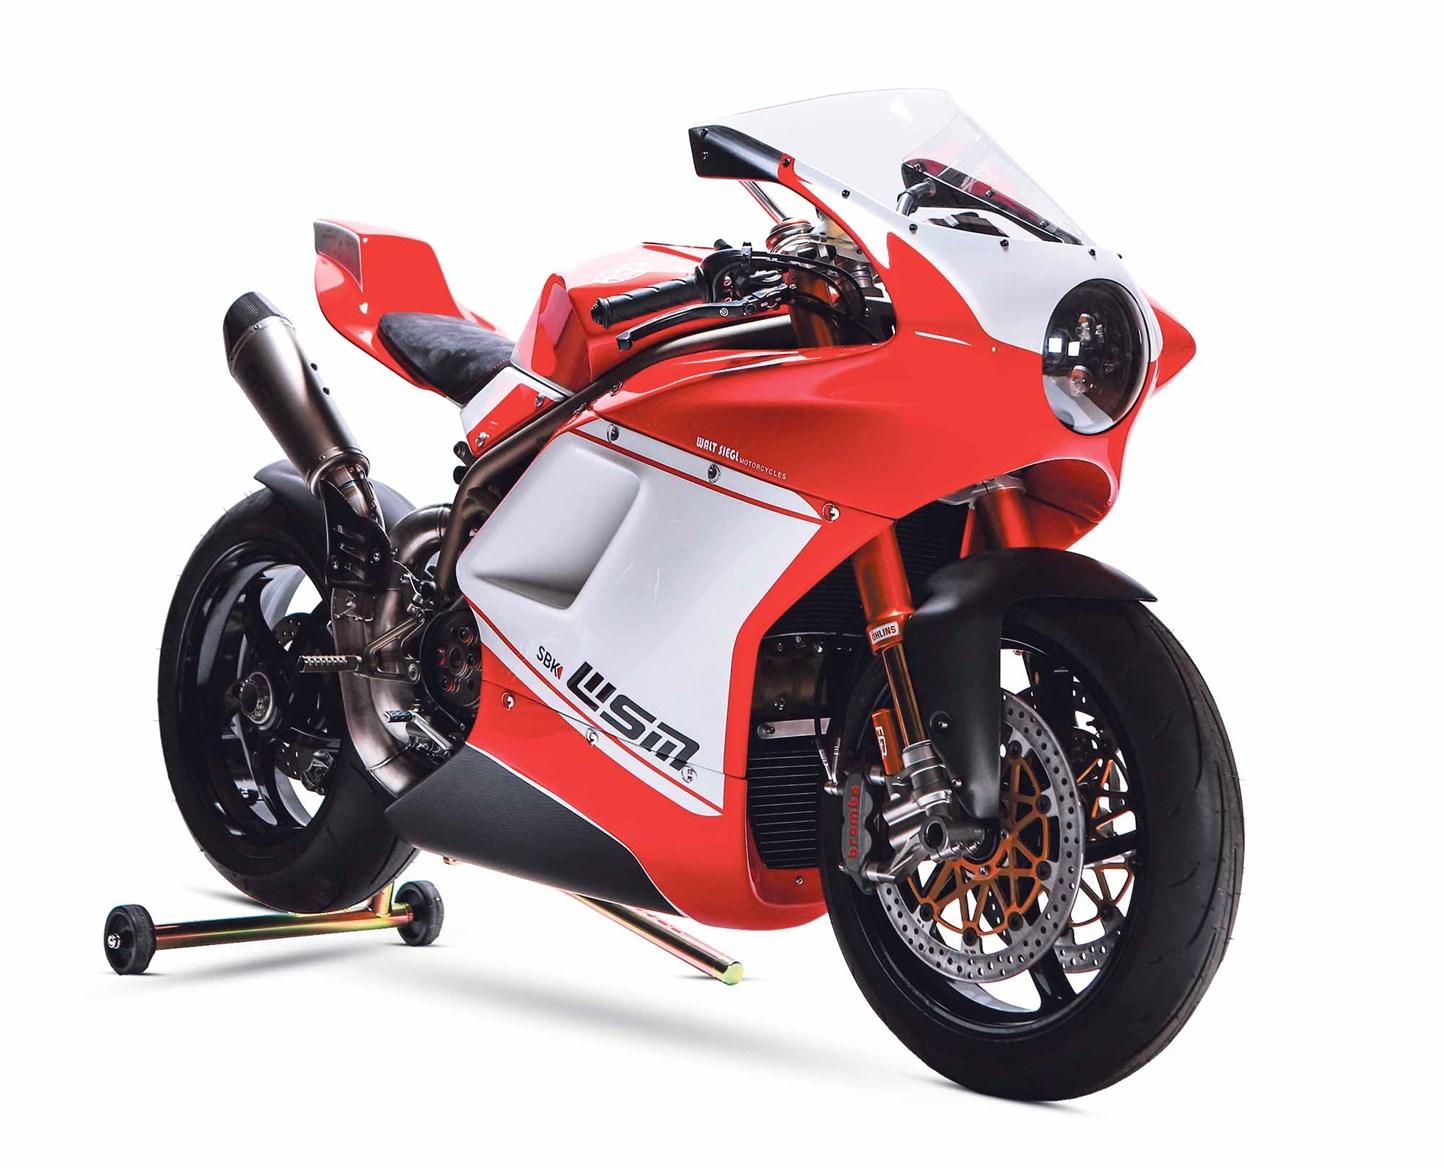 Siêu xe Walt Siegl Motorcycles- Một chiếc xe thể thao hoàn chỉnh!